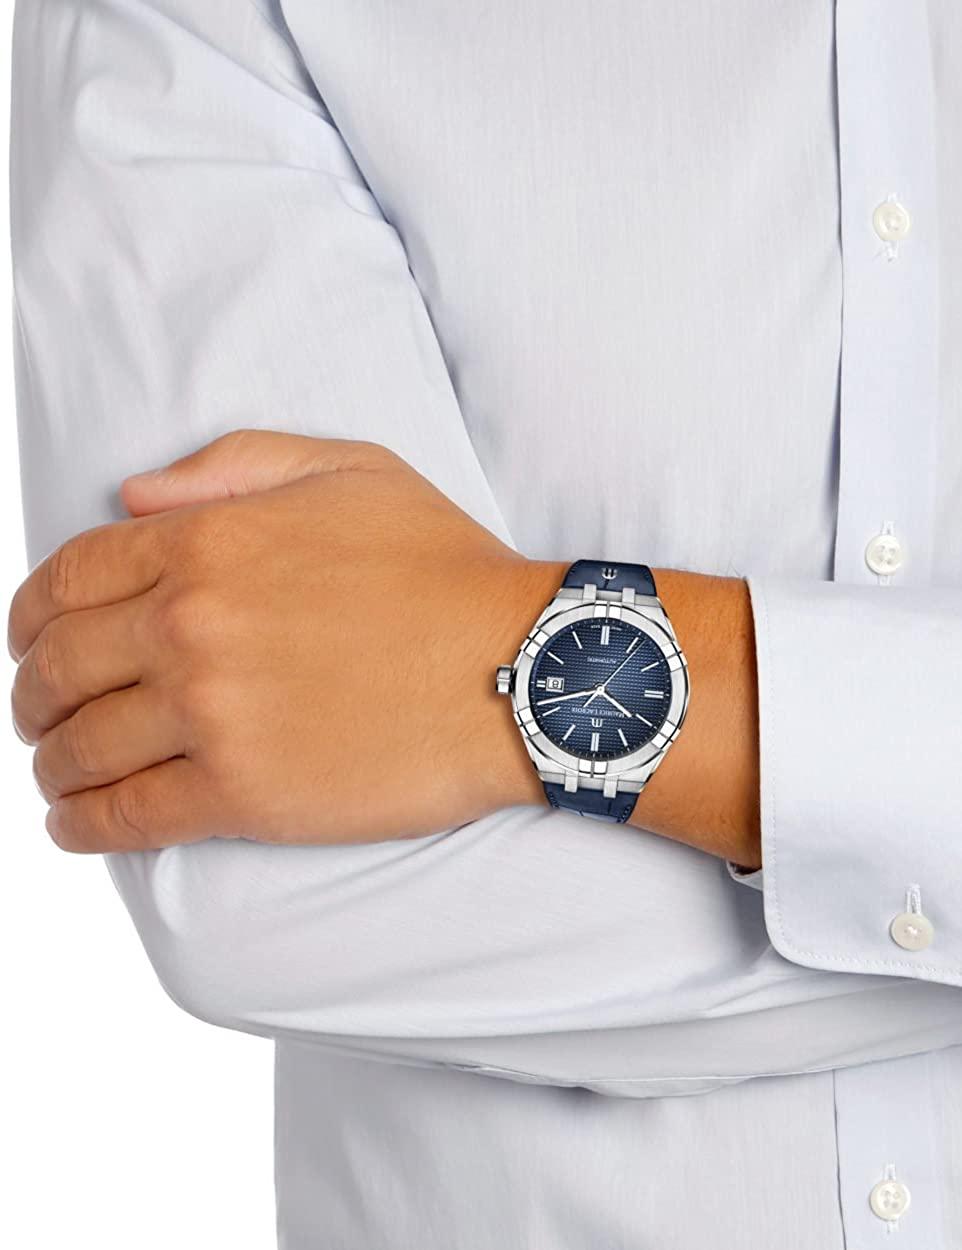 (관부가세포함) Maurice Lacroix Aikon Gents Automatic Watch 42 mm Blue AI6008-SS001-430-1-B07CNL4RPK